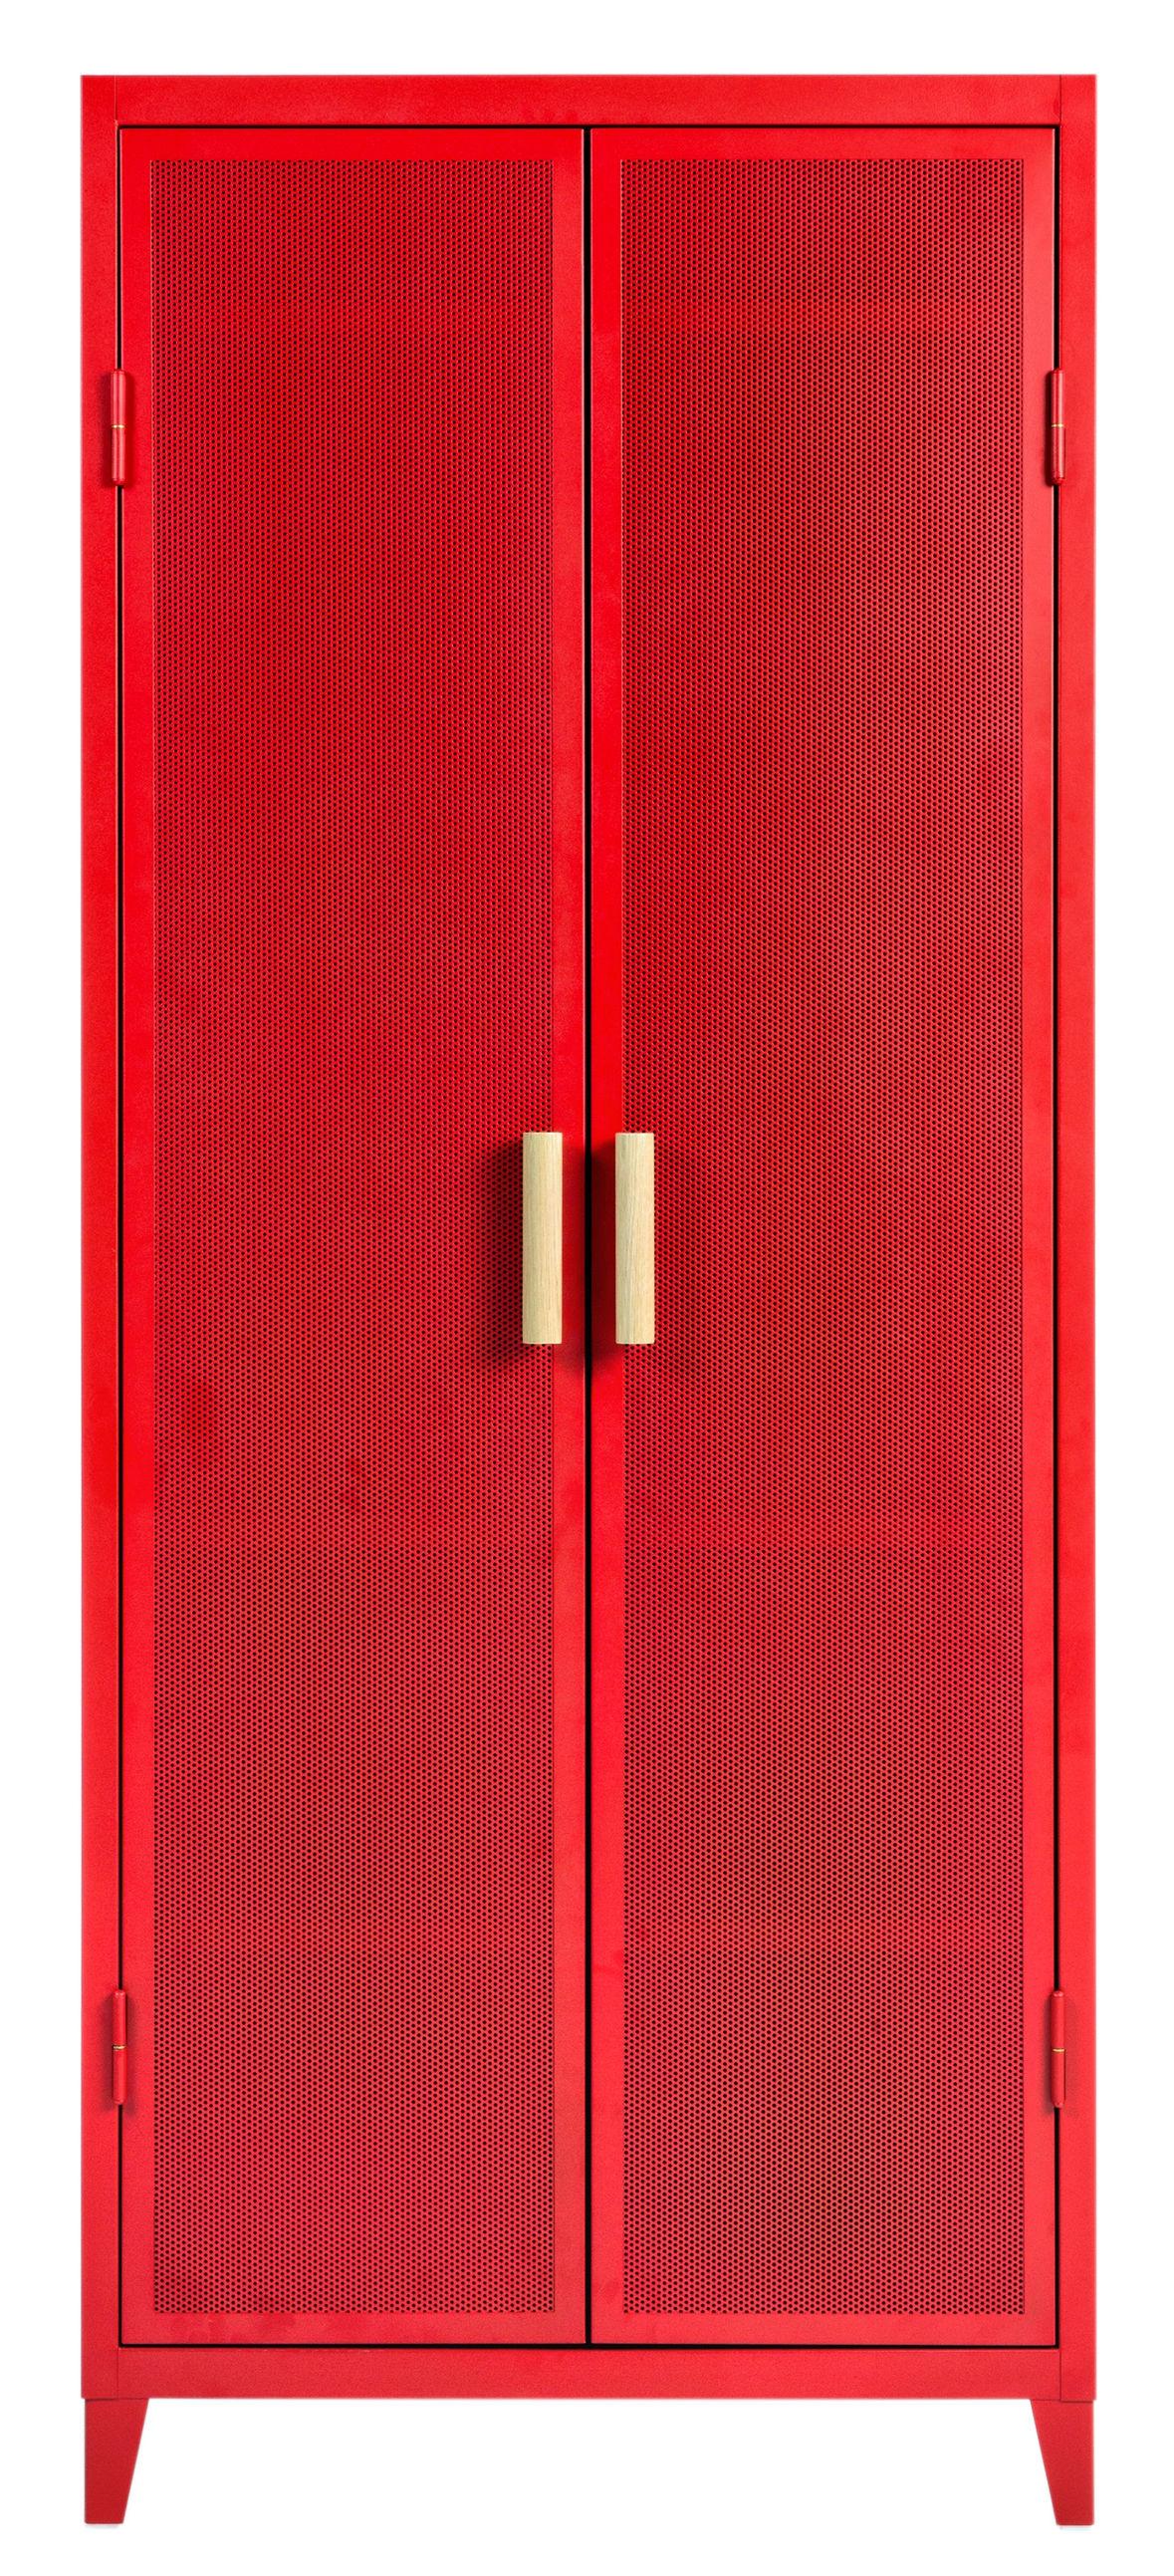 Möbel - Aufbewahrungsmöbel - Vestiaire Penderie Ablage / 2 Türen - Lochblech & Holz - Tolix - Rot / Griff Eiche - Lackierter recycelter Stahl, massive Eiche